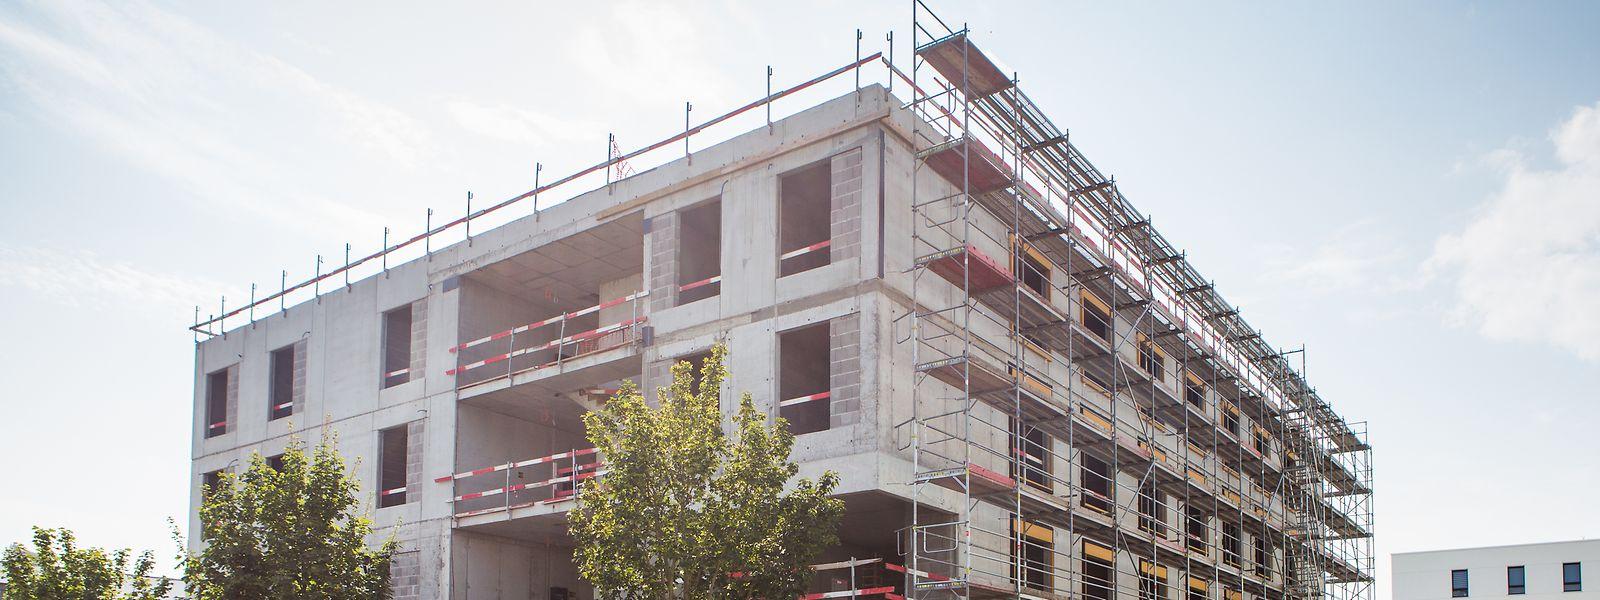 Die Abgeordneten sind sich weitestgehend darüber einig, dass das Angebot auf dem Wohnungsmarkt dem Wachstum des Landes Rechnung tragen muss.